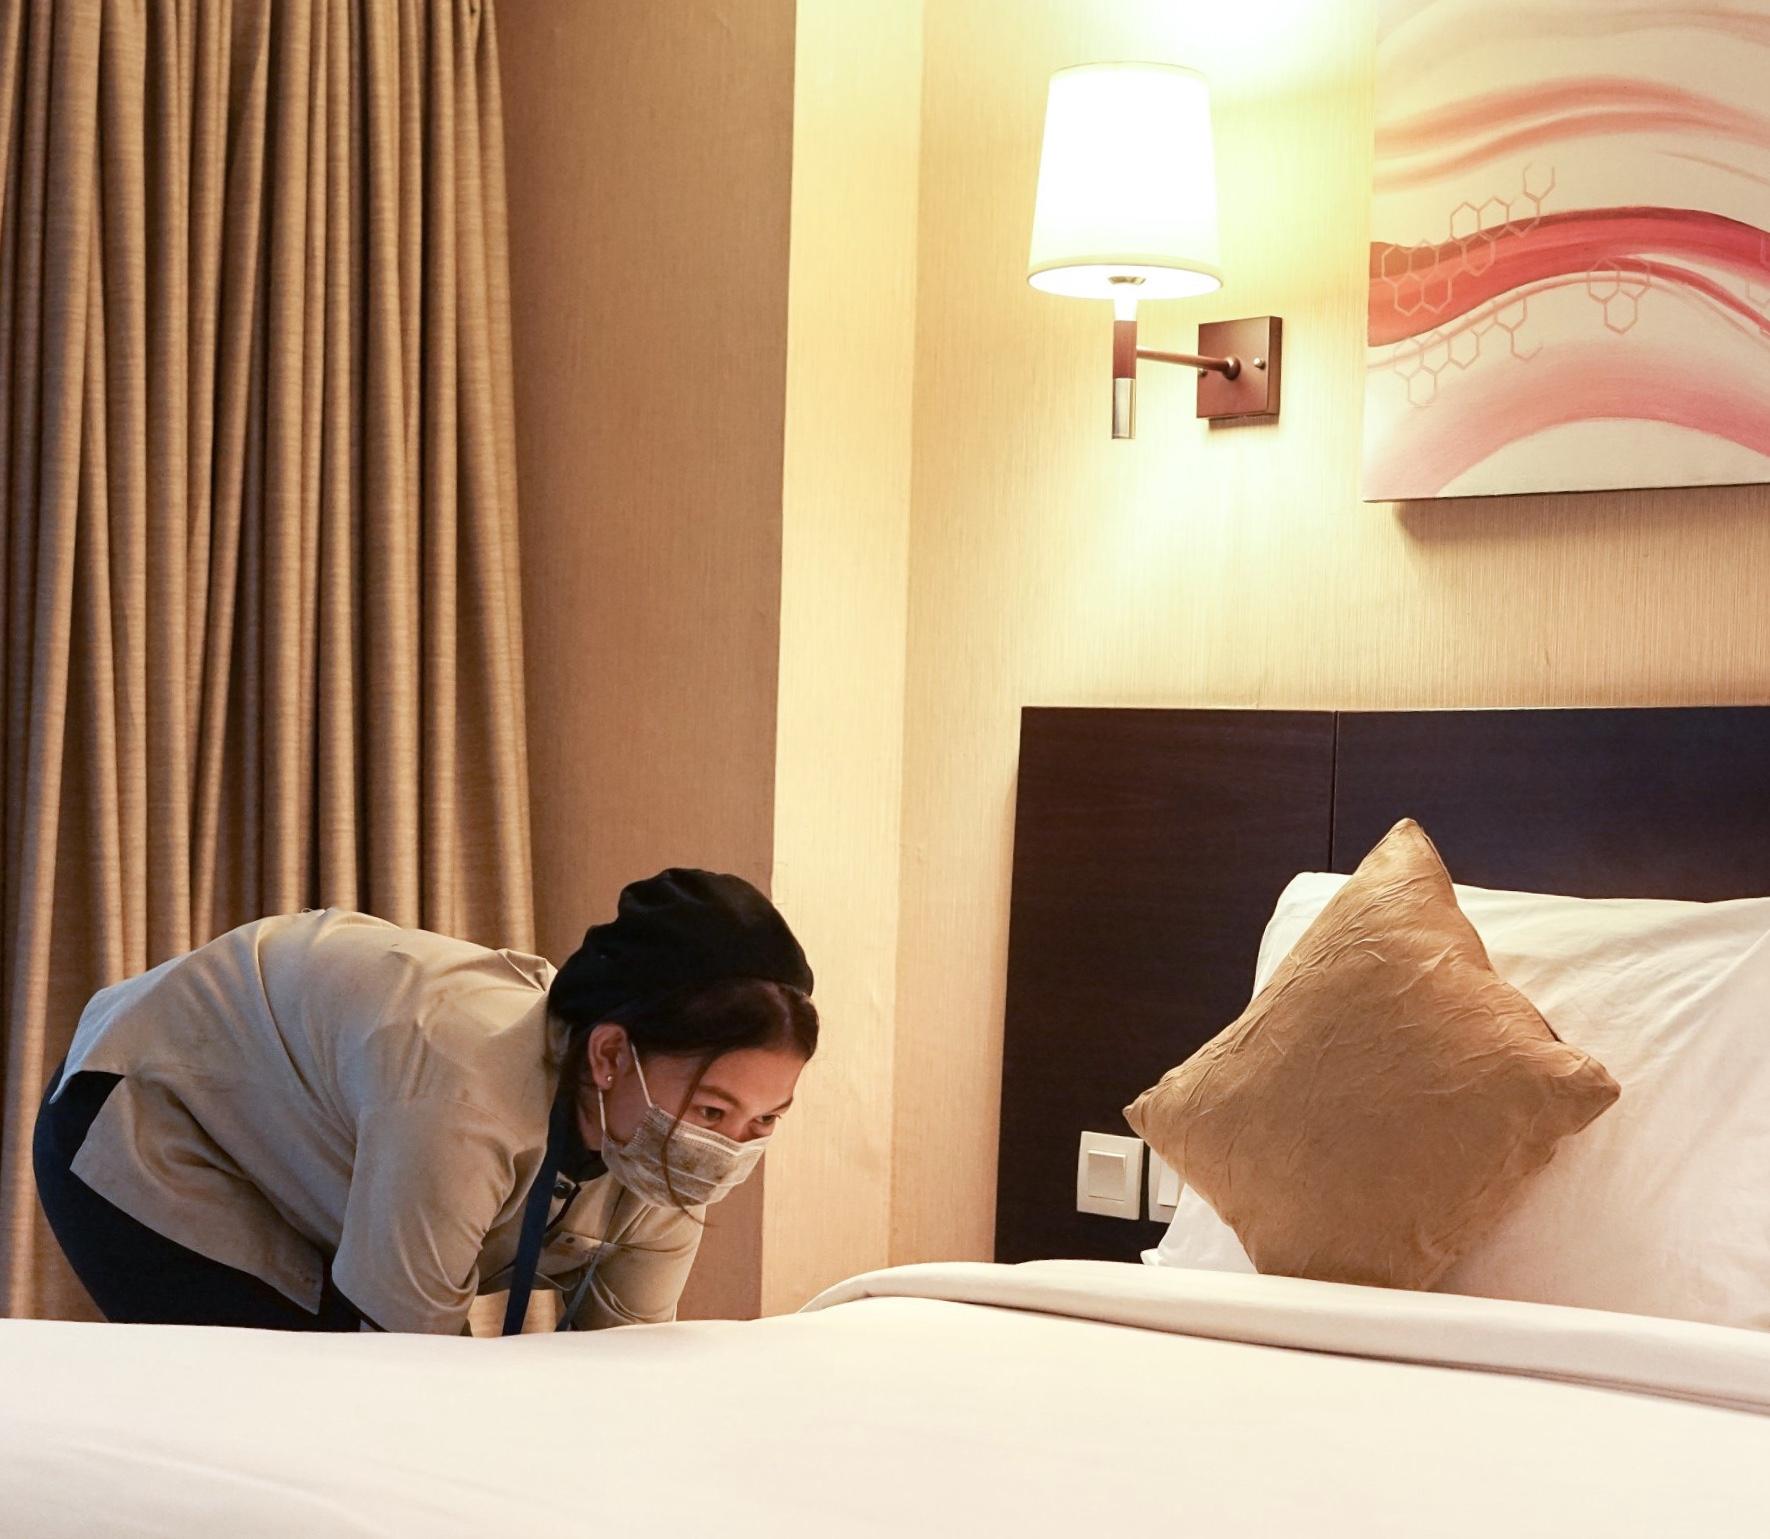 Konten Tiktok Viral, Sebelum check out, tamu bersihin kamar sendiri?